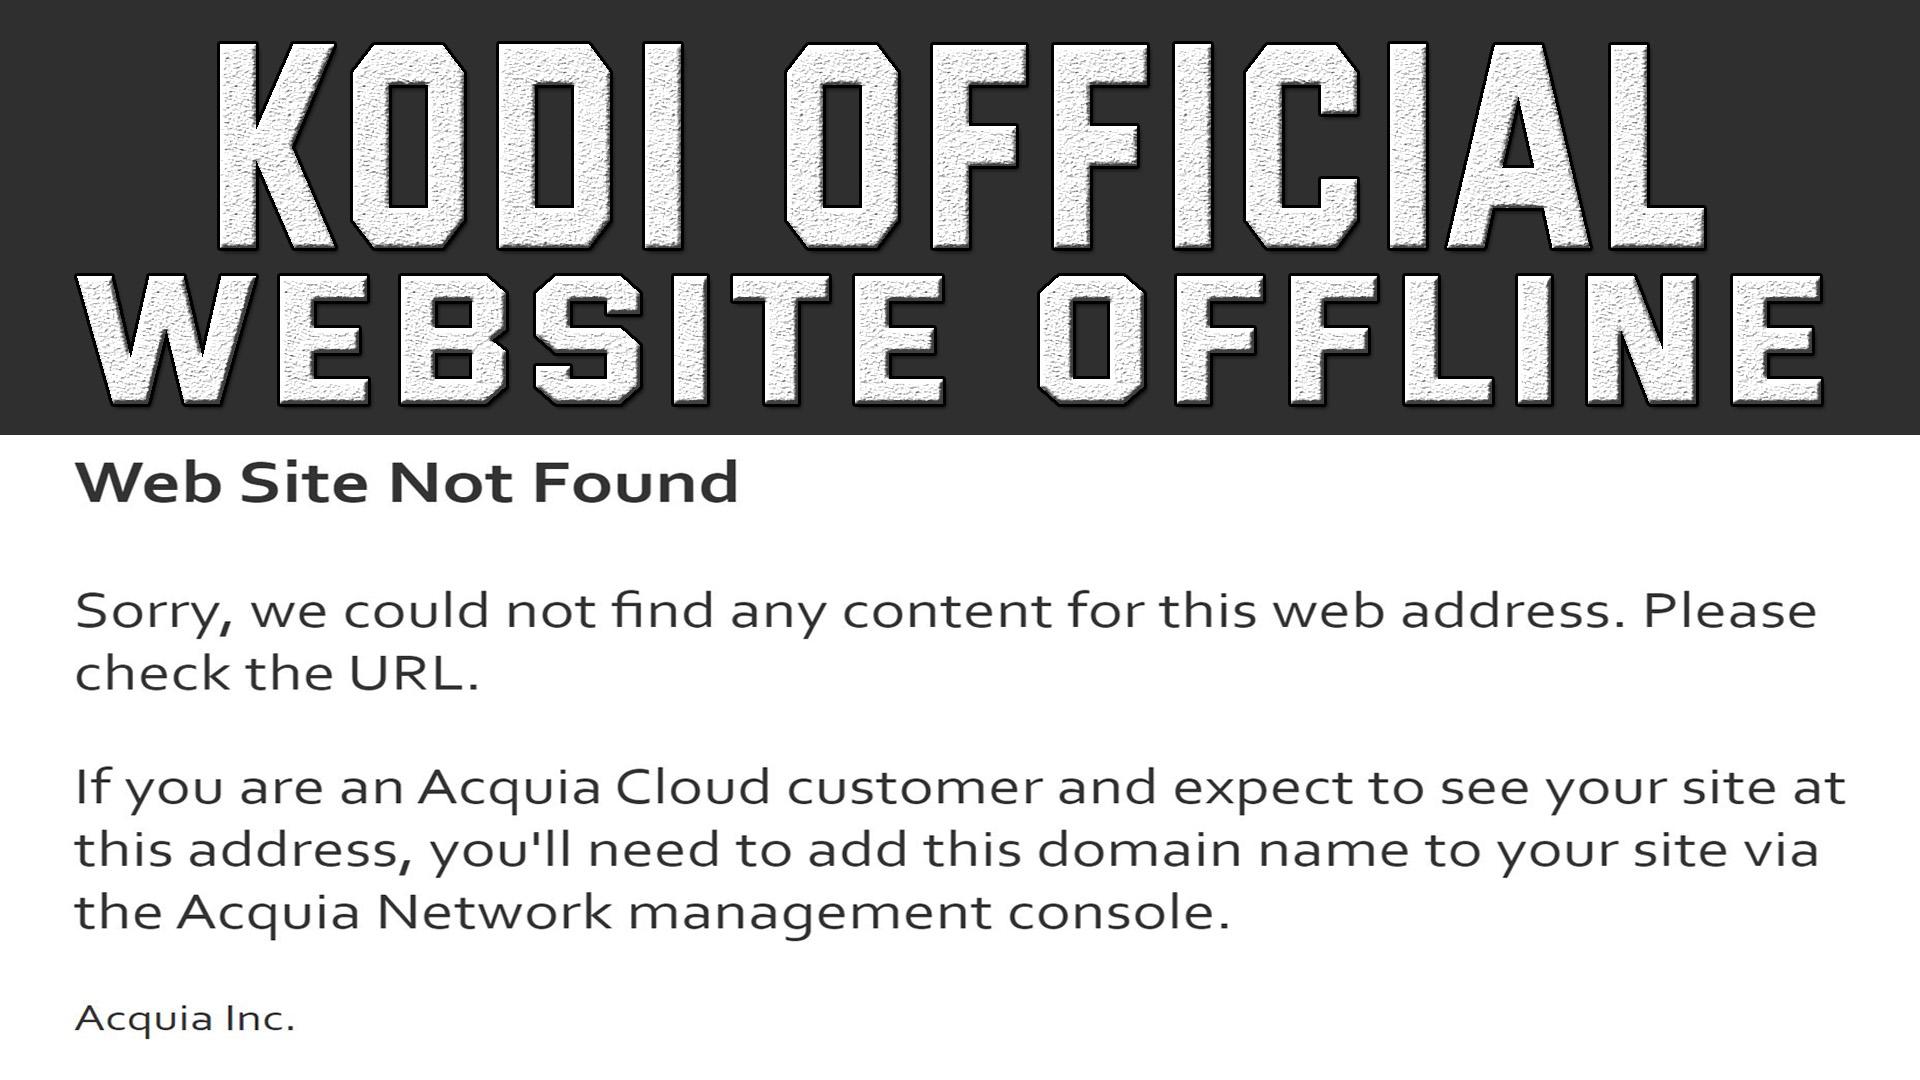 Kodi Website Gone Down